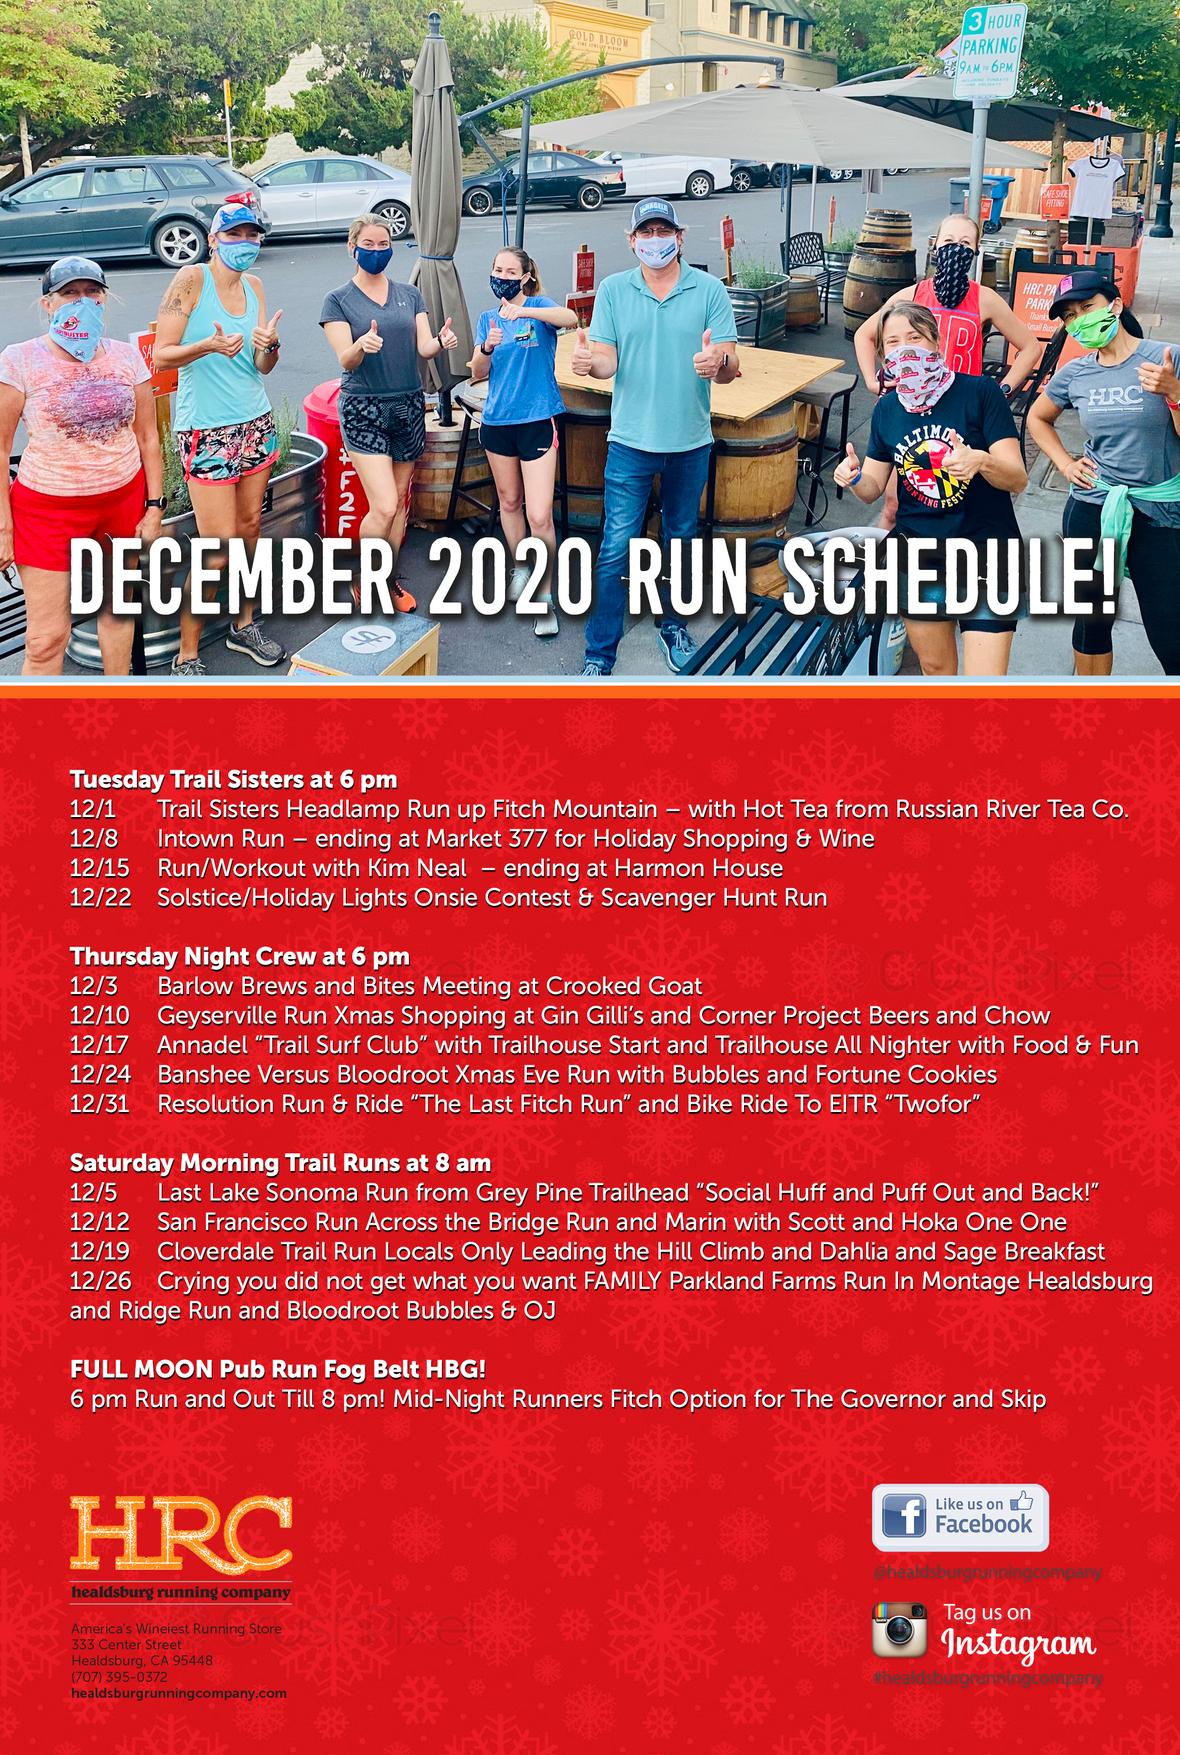 dec-run-sched-2020